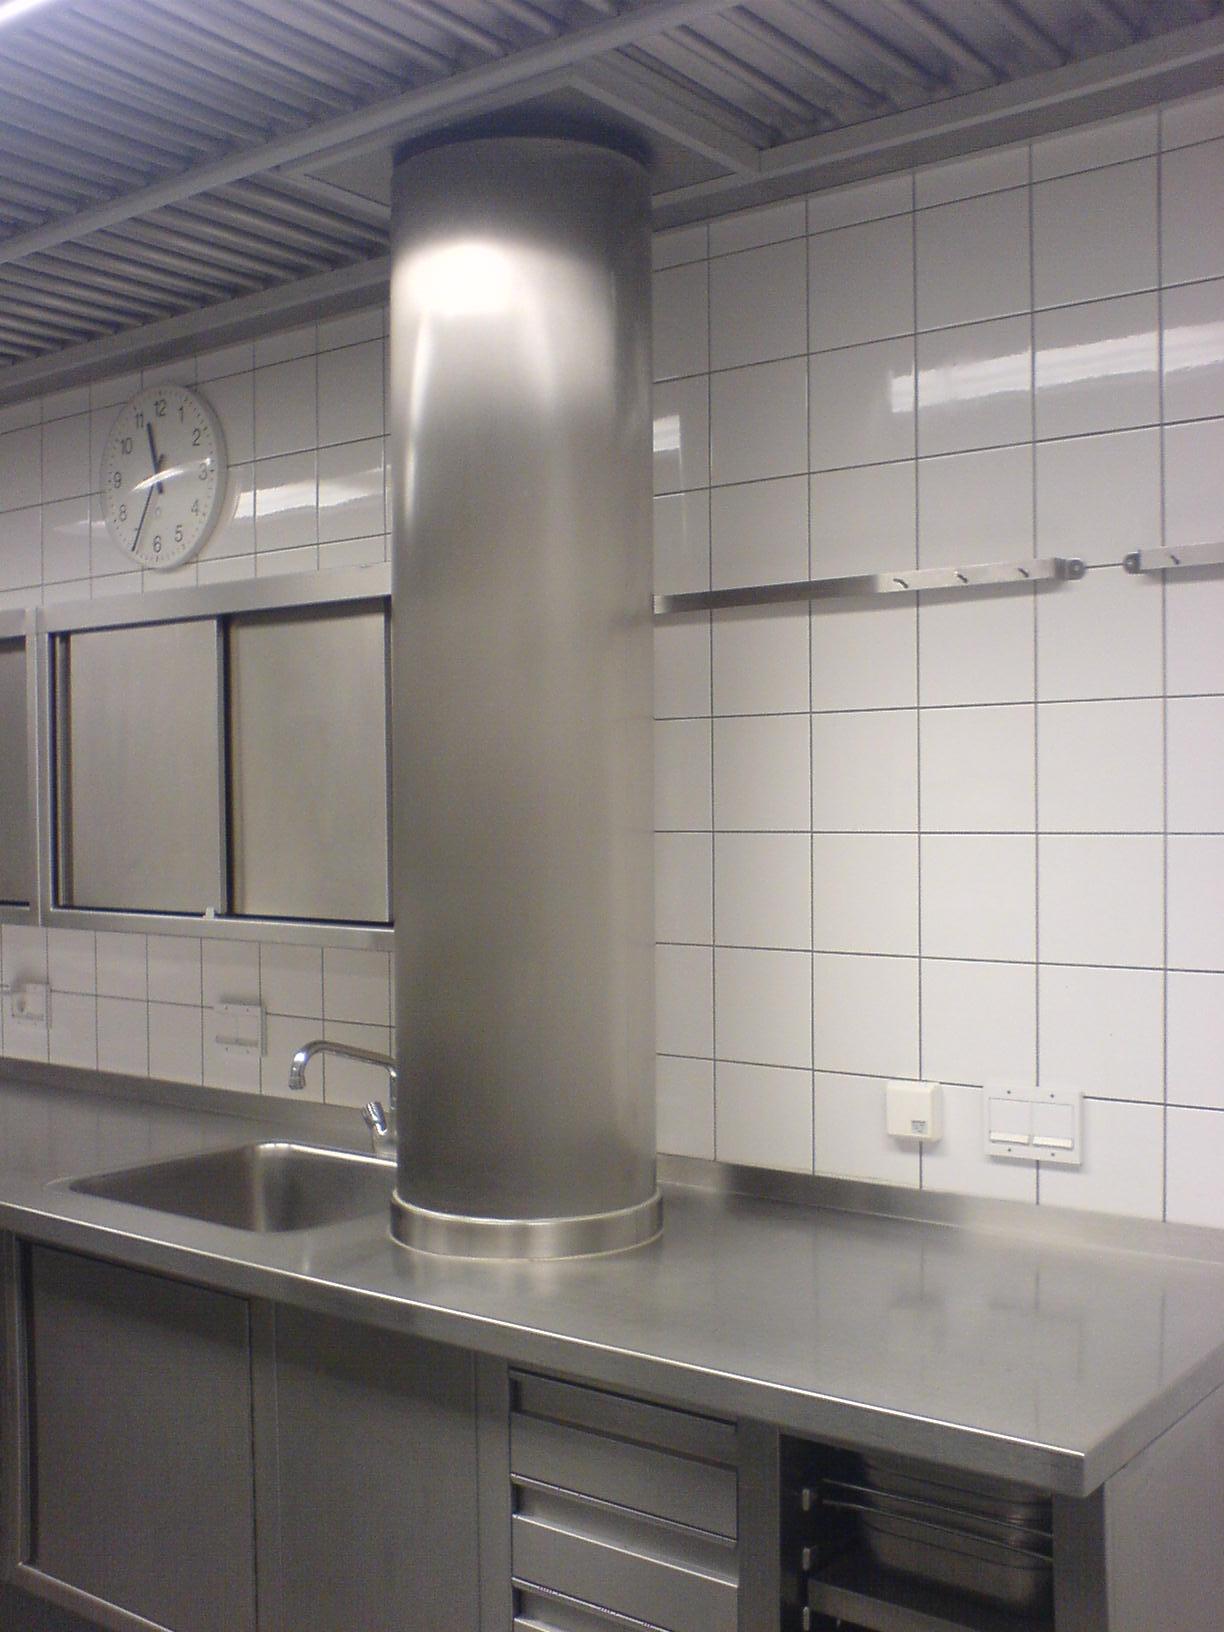 Säulenverkleidung + Küchenarbeitsplatte aus Edelstahl